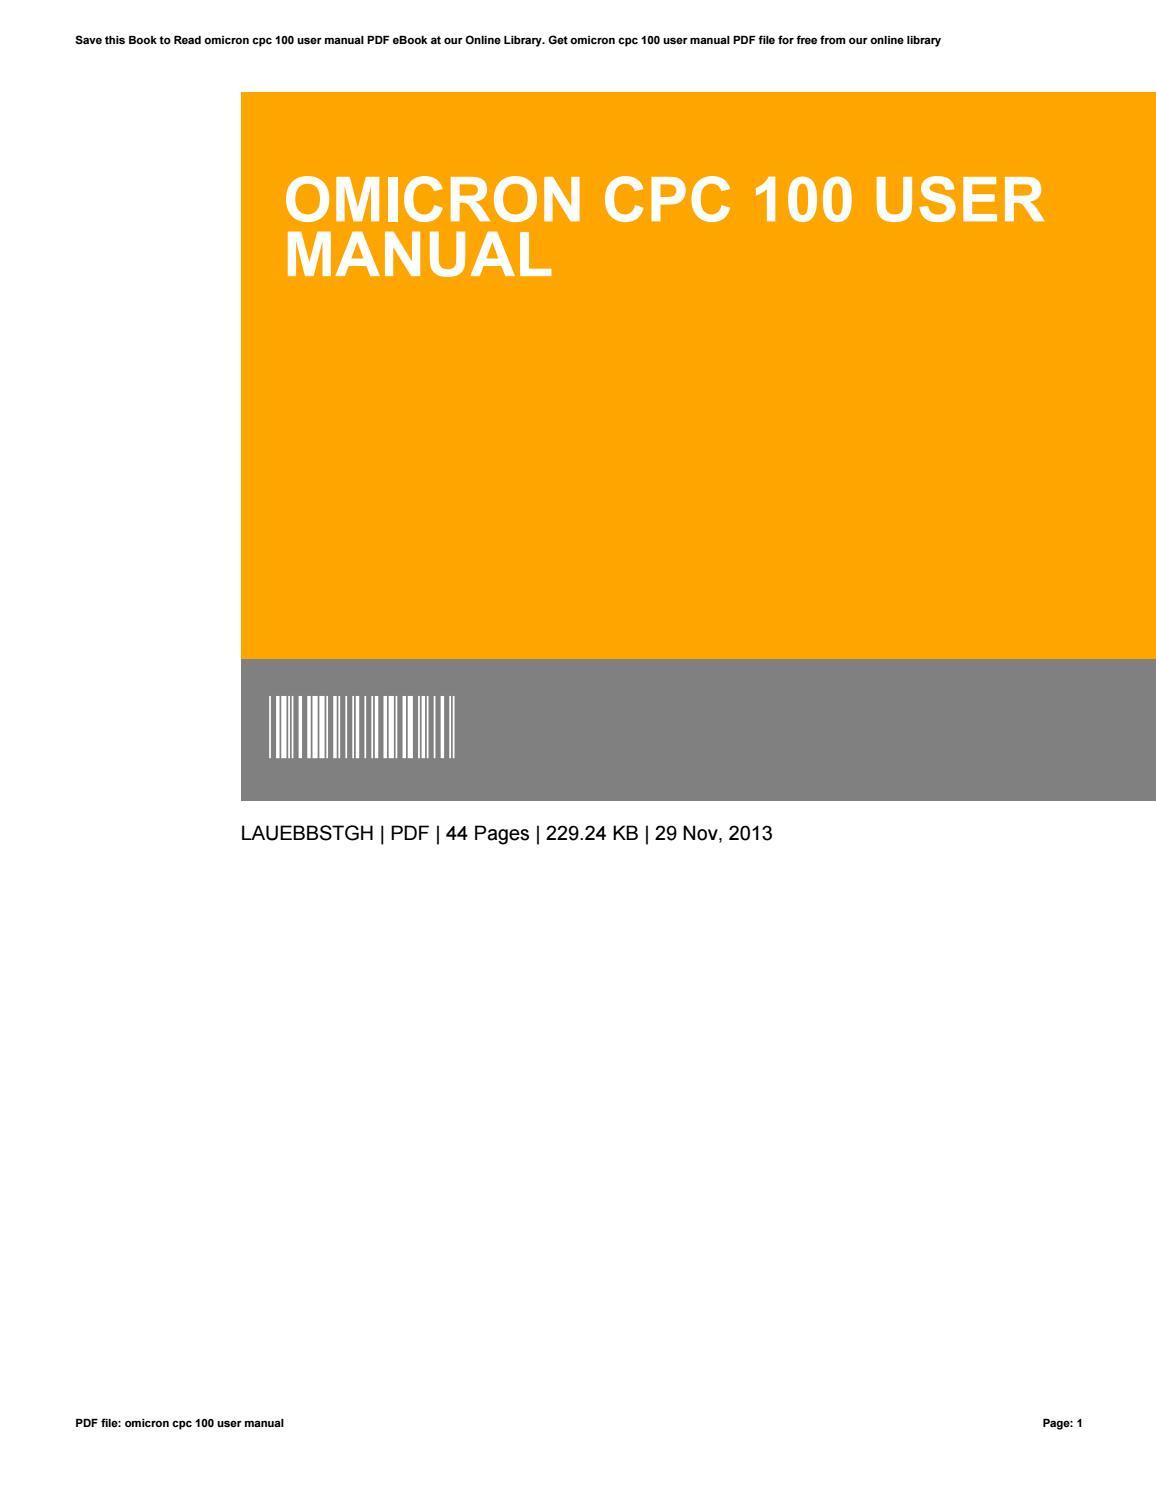 omicron cpc 100 user manual pdf